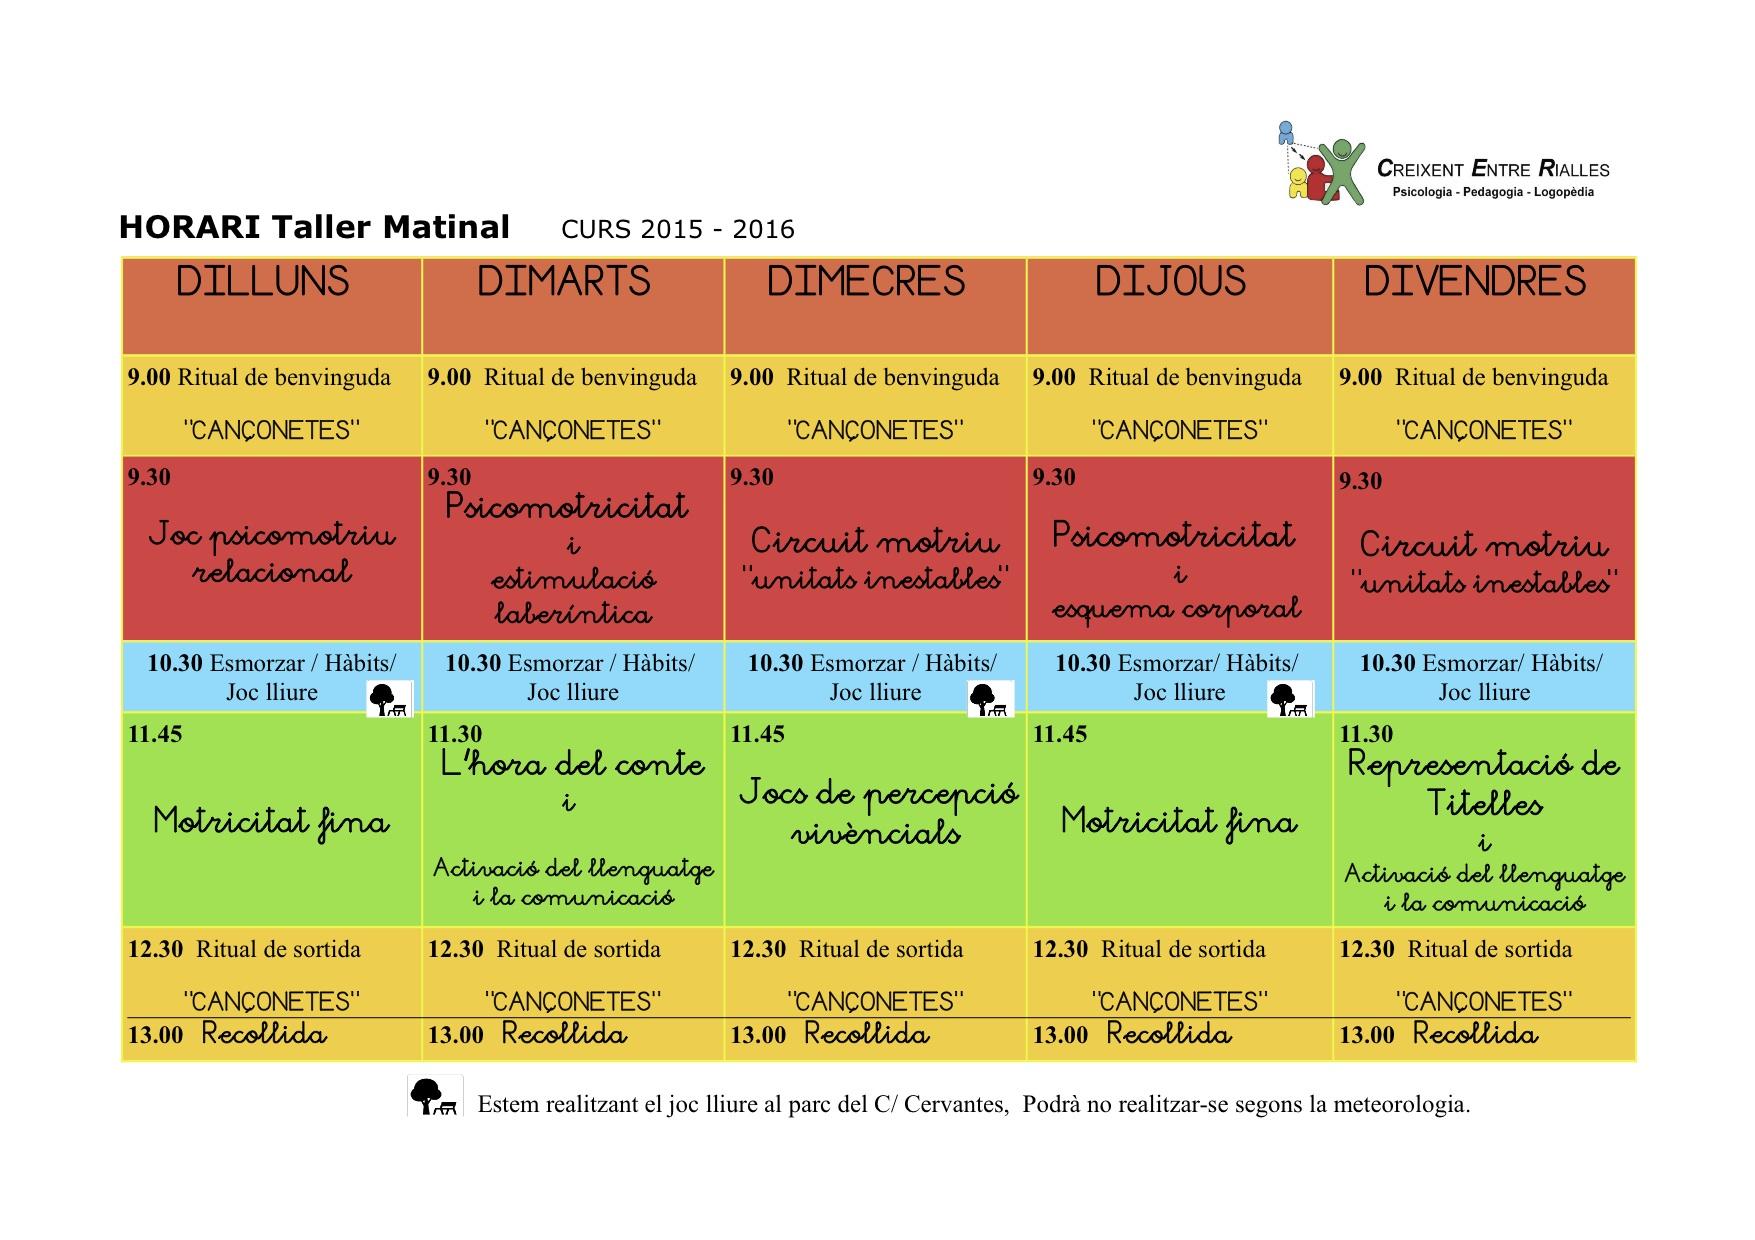 HORARI Taller matinal 2015-2016 jpg